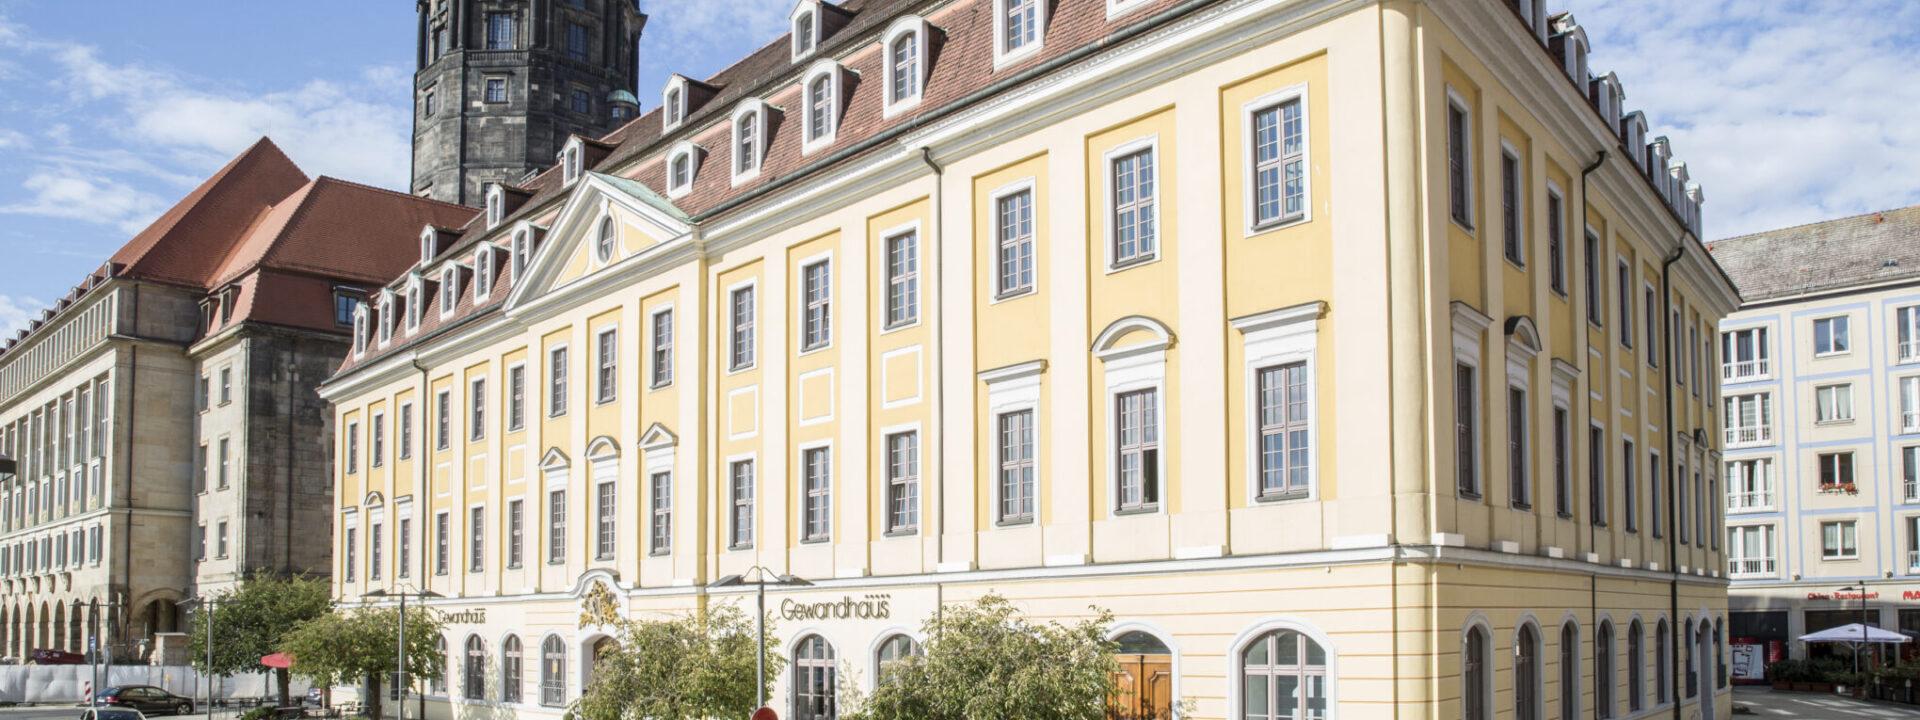 Gewandhaus Dresden Außenansicht